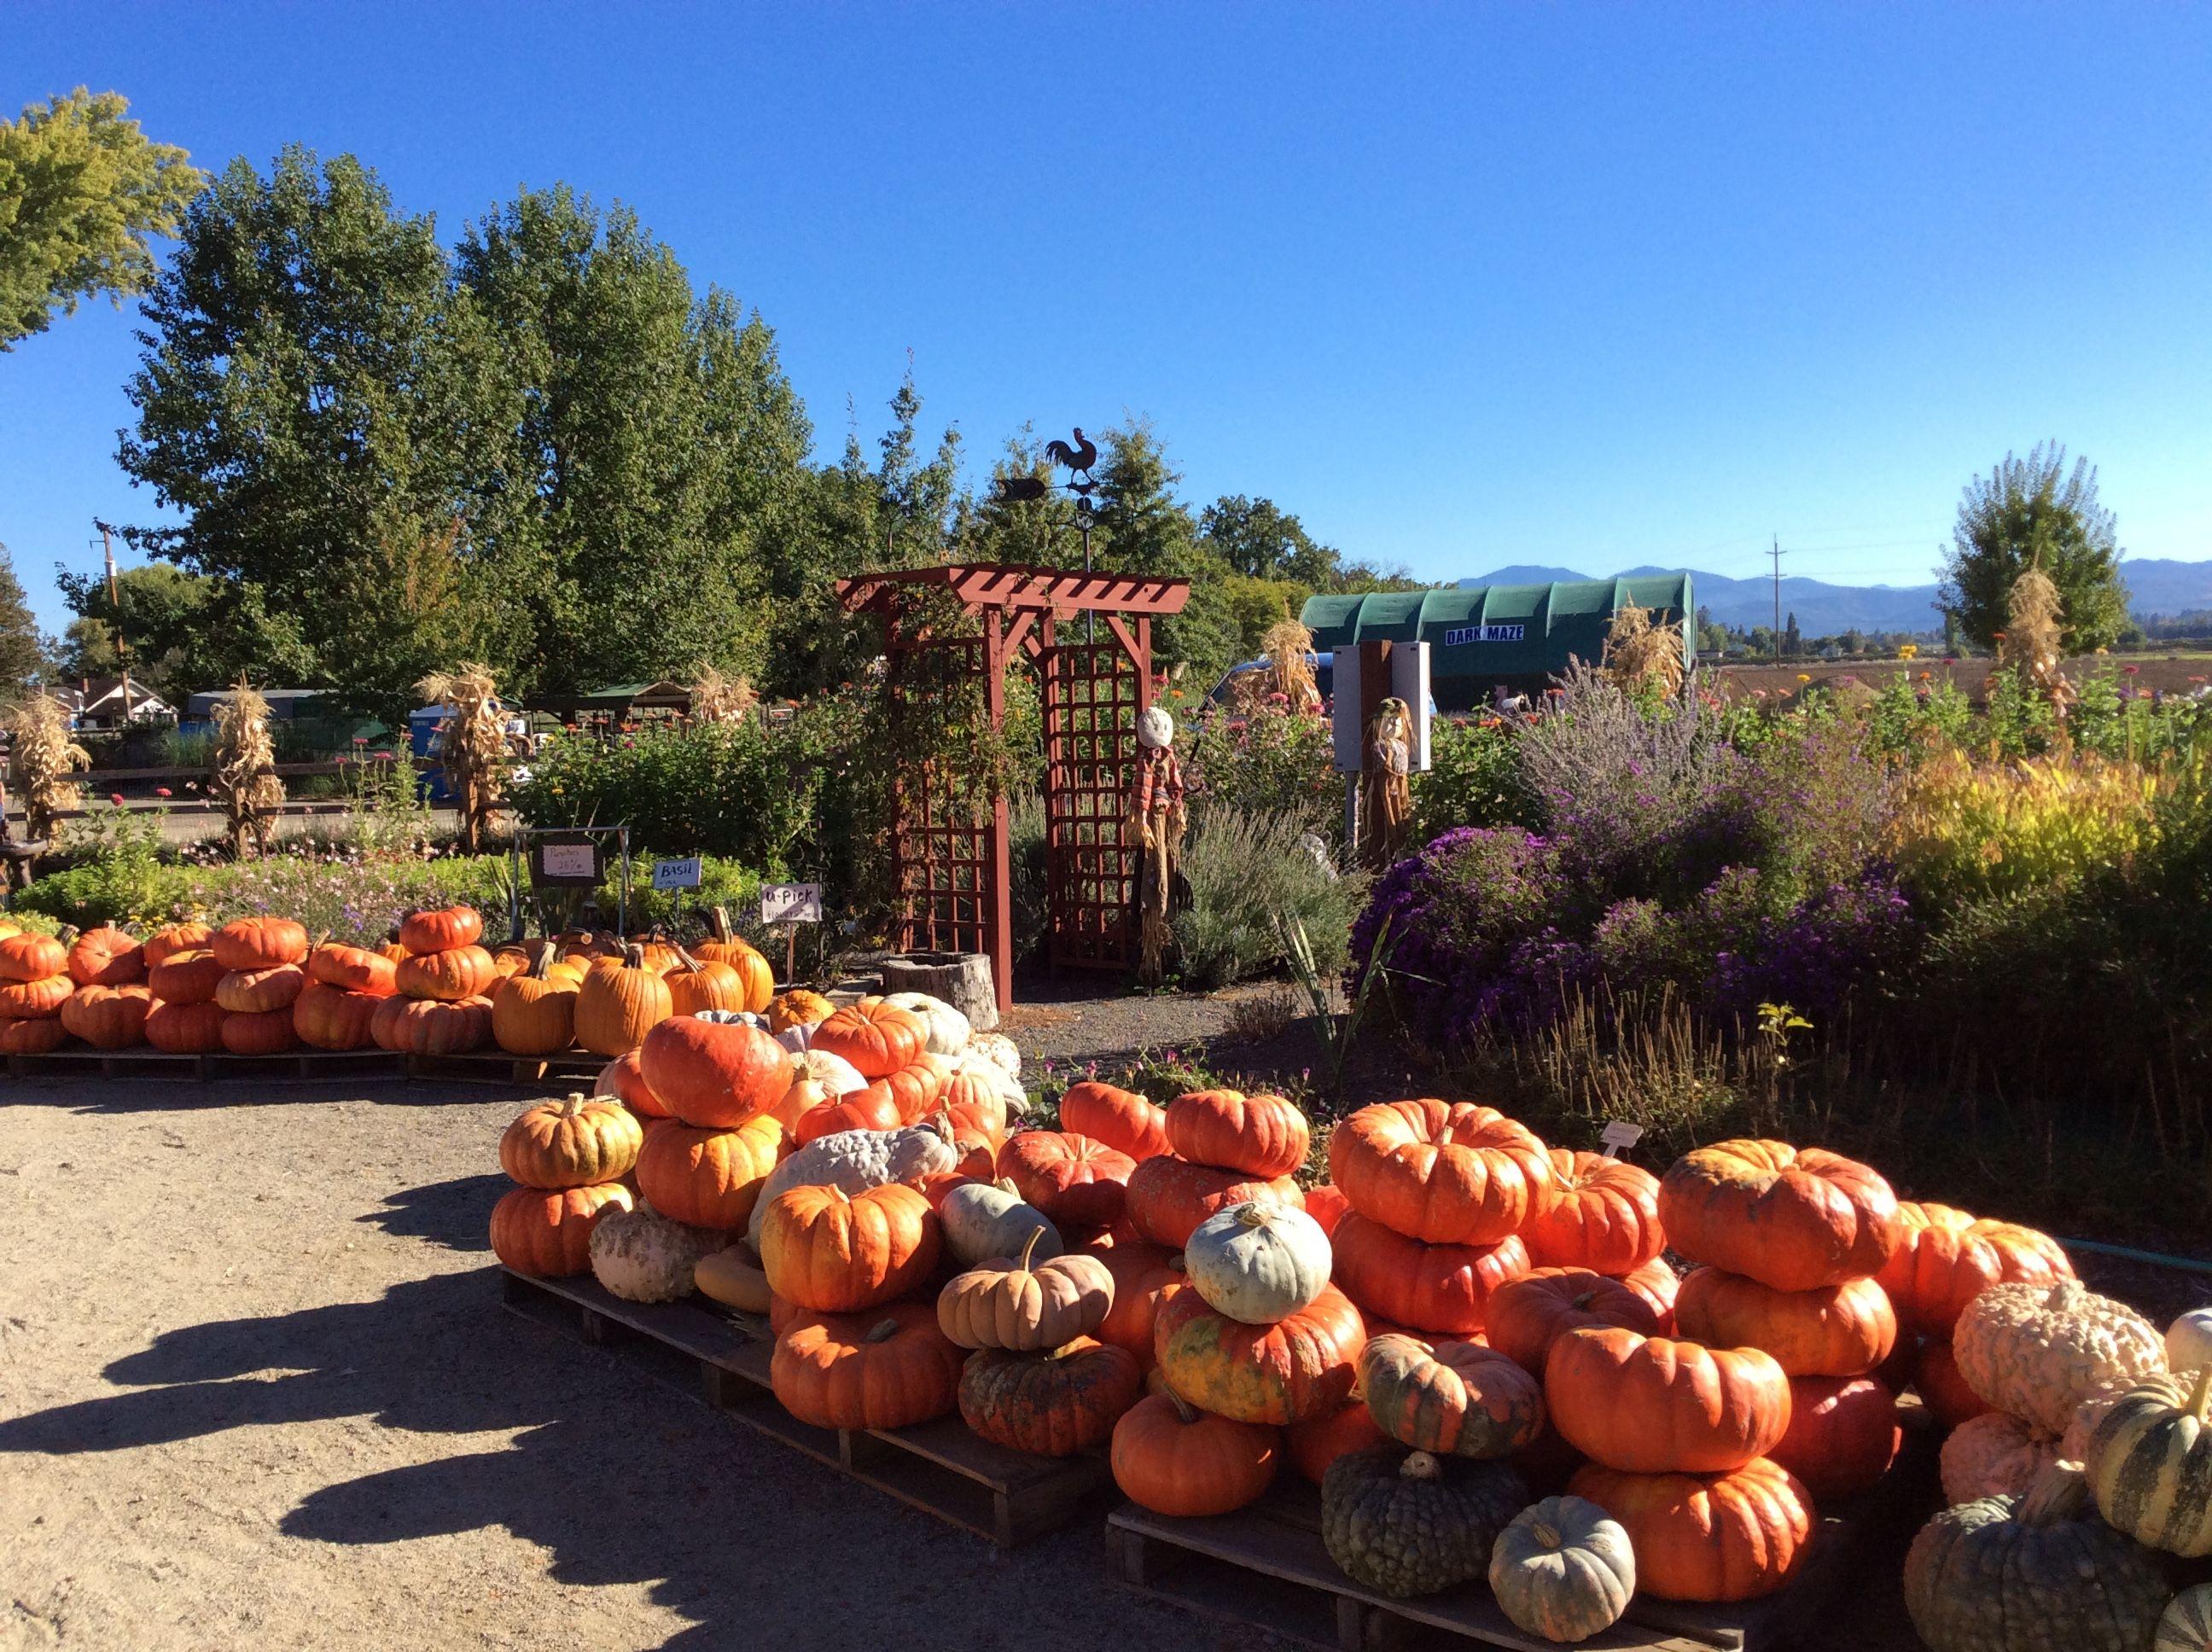 Seven Oaks Farms Central Point Oregon pumpkins